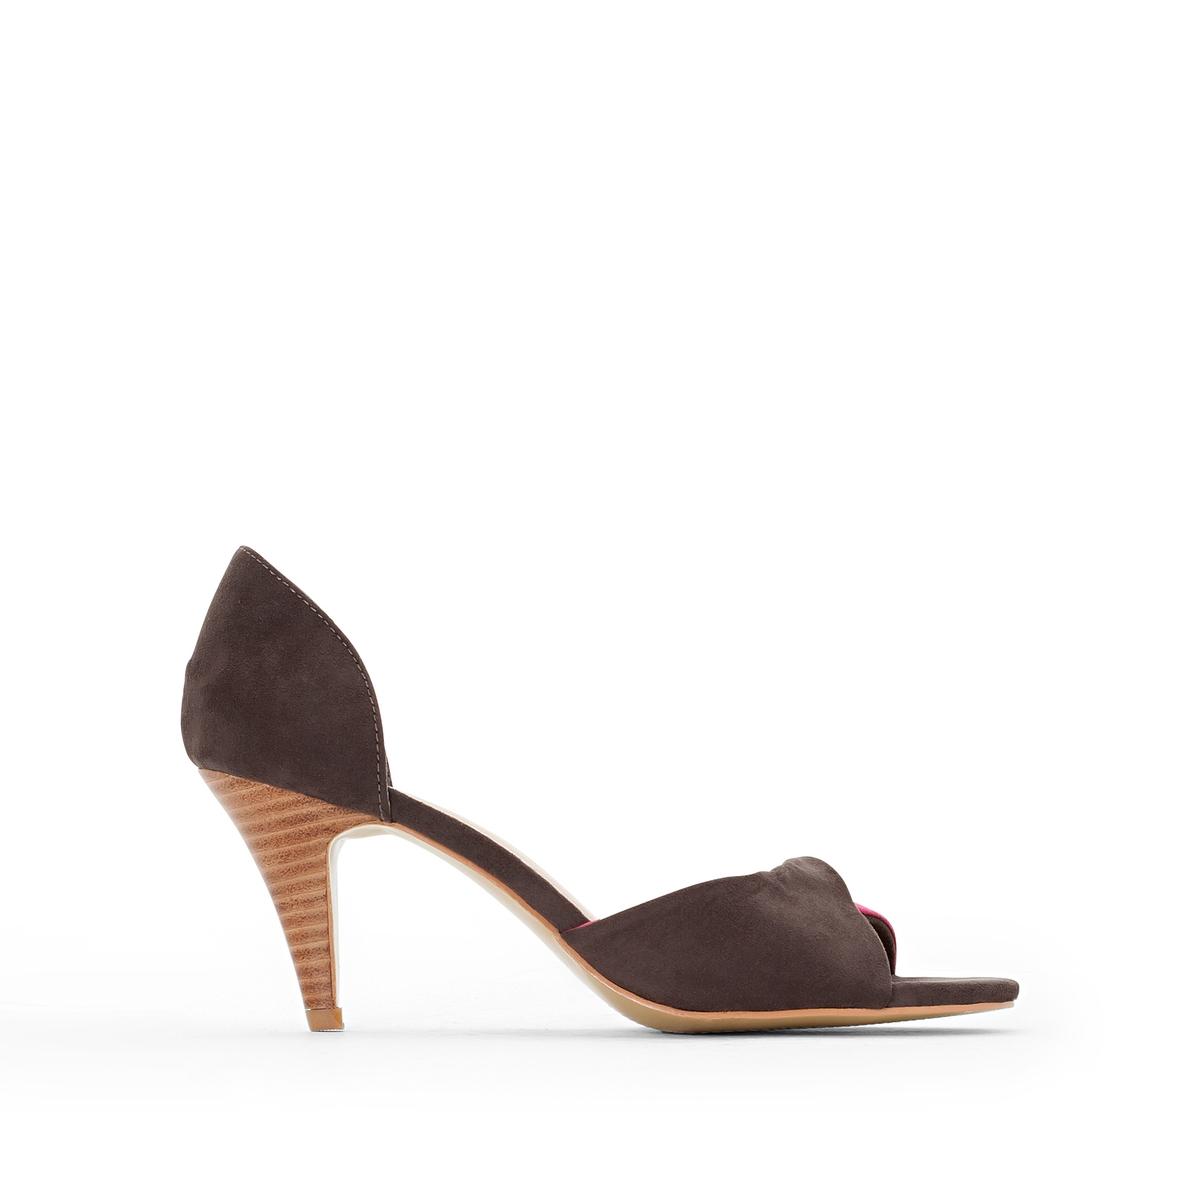 Туфли двухцветныеДвухцветные туфли от Anne Weyburn.Верх : Синтетическая замша.Подкладка : синтетический материалСтелька : Кожа на подкладке из пеноматериала.Подошва : Эластомер.Высота каблука : 8 см.<br><br>Цвет: серый/ фуксия<br>Размер: 37